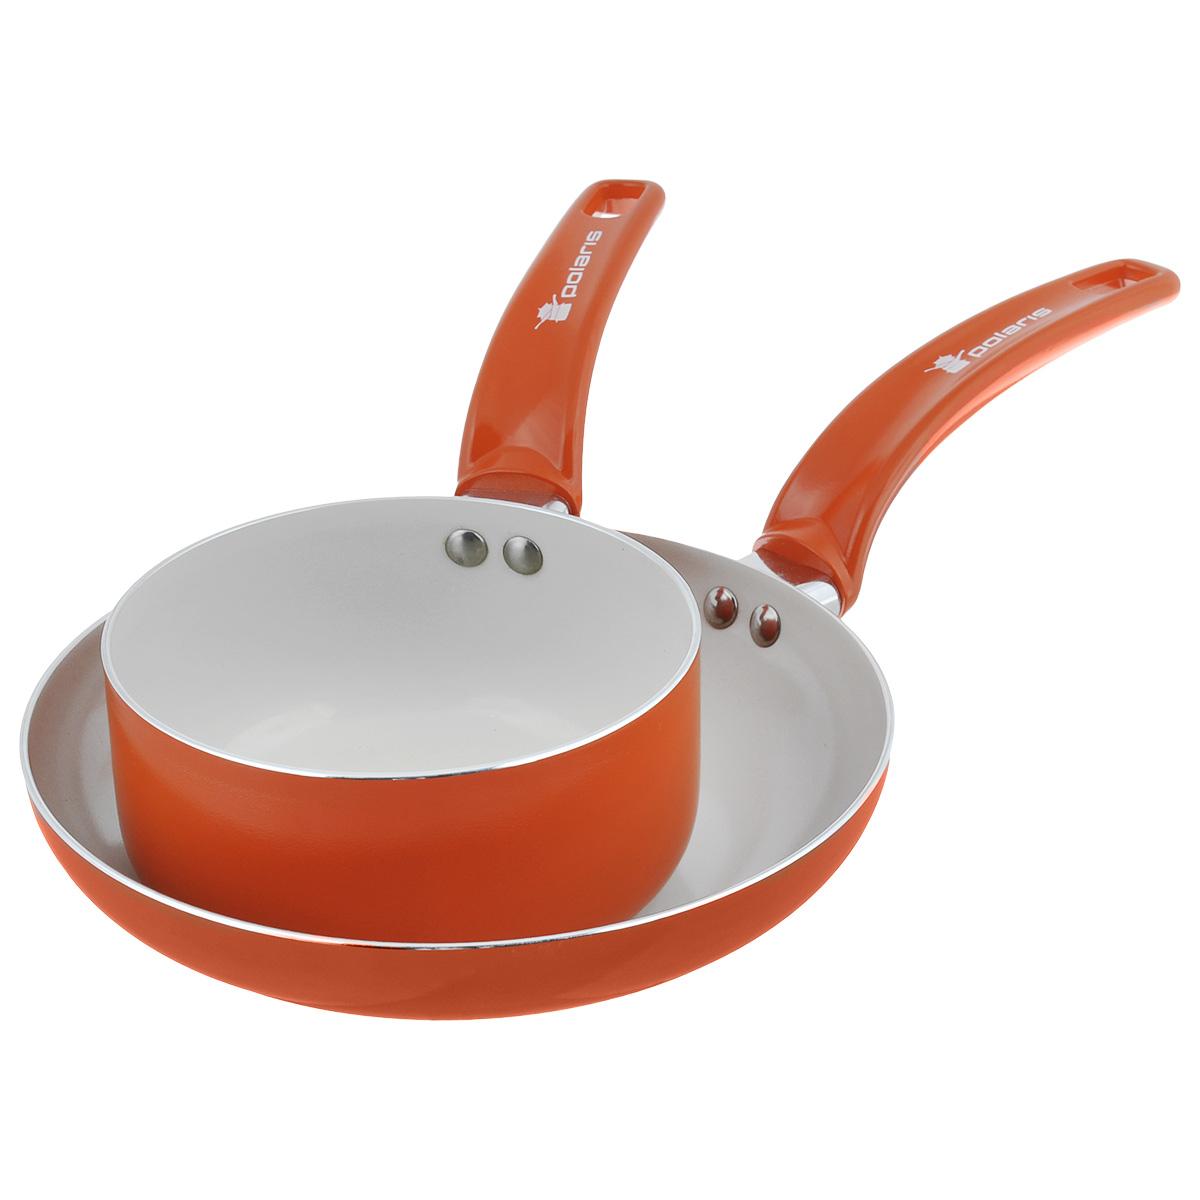 Набор посуды Polaris Rainbow, с керамическим покрытием, цвет: оранжевый, 2 предметаRain-1624SPFНабор посуды Polaris Rainbow состоит из сковороды и ковша. Изделия выполнены из алюминия с керамическим антипригарным покрытием. Покрытие экологично, не содержит примеси PFOA и PTFE. Эргономичная ручка из бакелита не нагревается в процессе эксплуатации. Изделия подходят для всех типов плит, кроме индукционных. Можно мыть в посудомоечной машине. Диаметр сковороды (по верхнему краю): 24 см. Диаметр ковша (по верхнему краю): 16 см. Высота стенки сковороды: 4,5 см. Высота стенки ковша: 7,5 см. Длина ручки сковороды: 19 см. Длина ручки ковша: 16 см. Толщина стенки: 2,5 мм. Толщина дна: 3 мм.